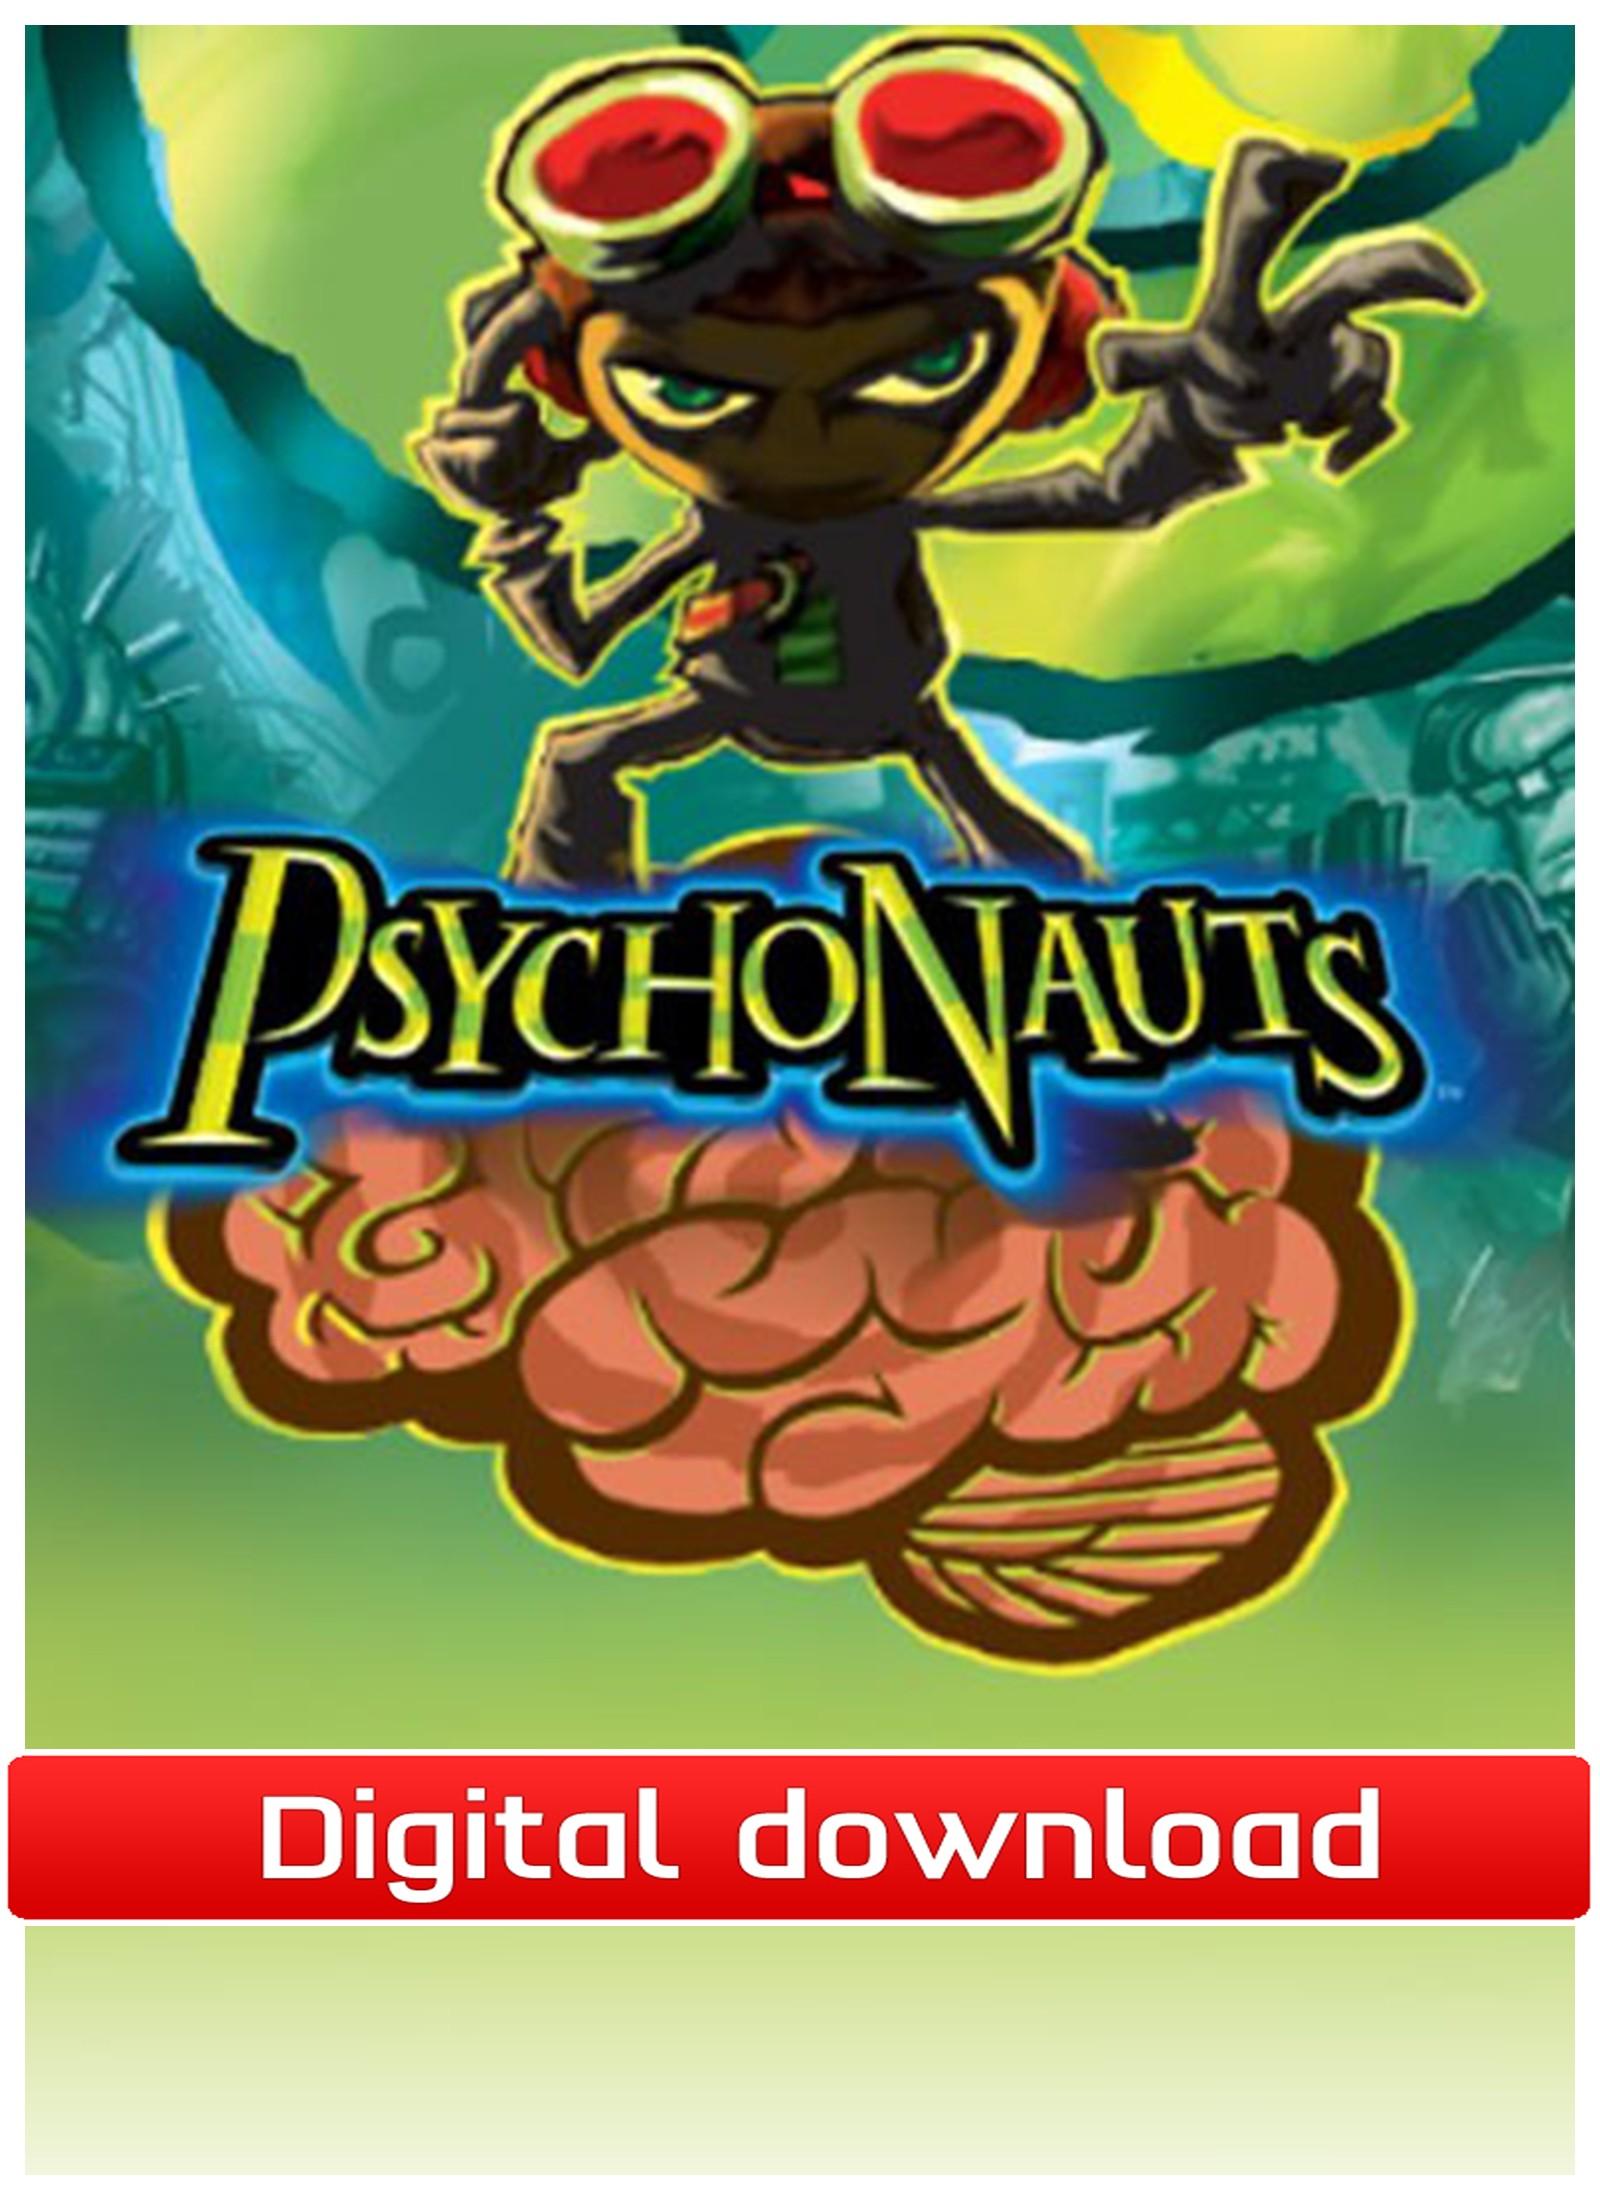 37196 : Psychonauts (PC nedlastning)